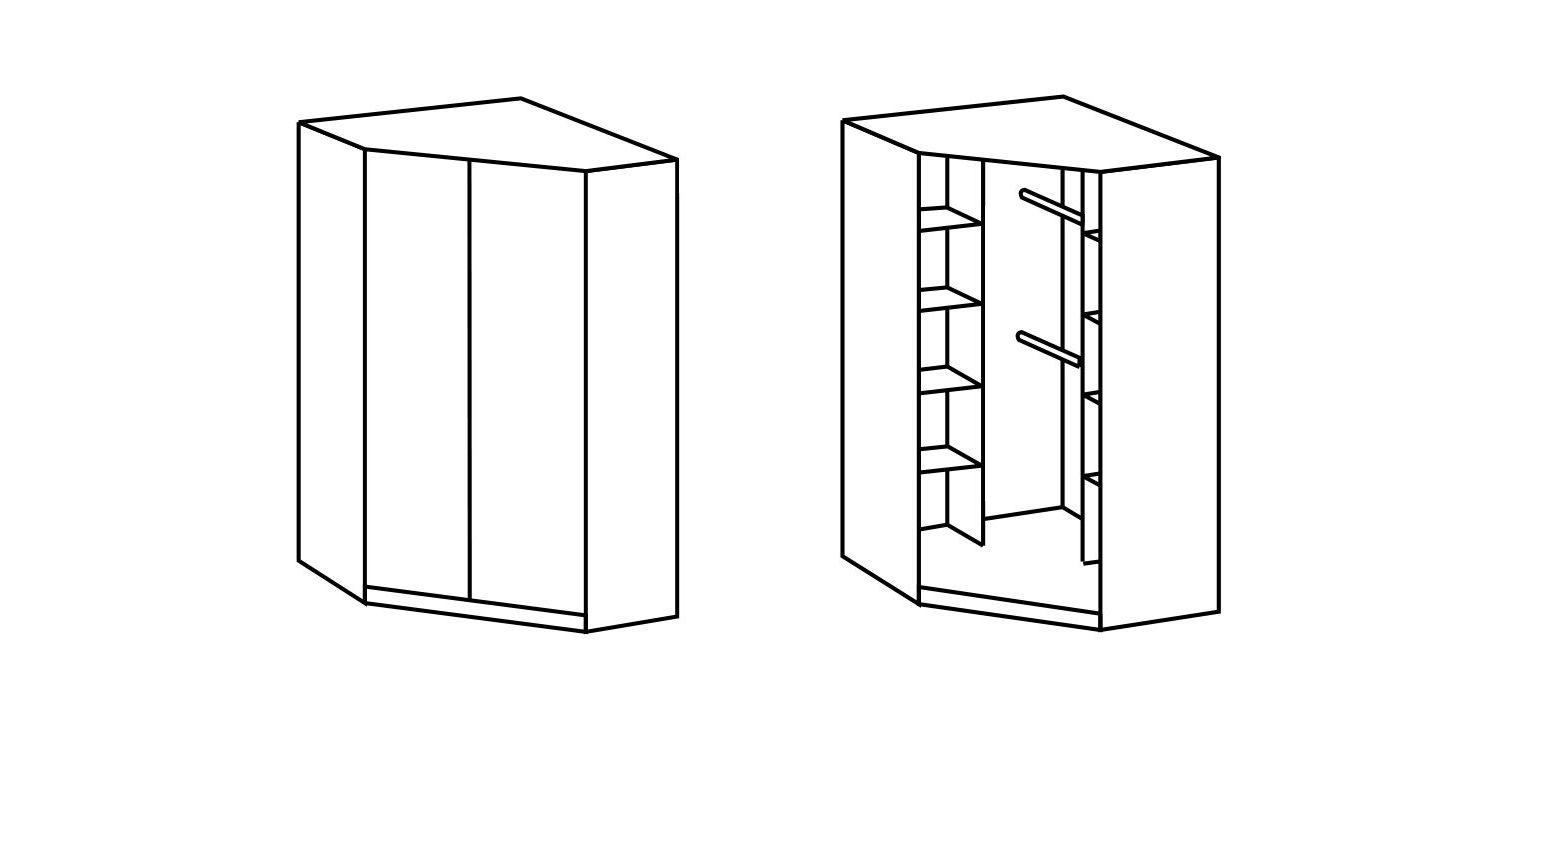 Übersichtliche Grafik zur Inneneinteilung des Eck-Kleiderschranks